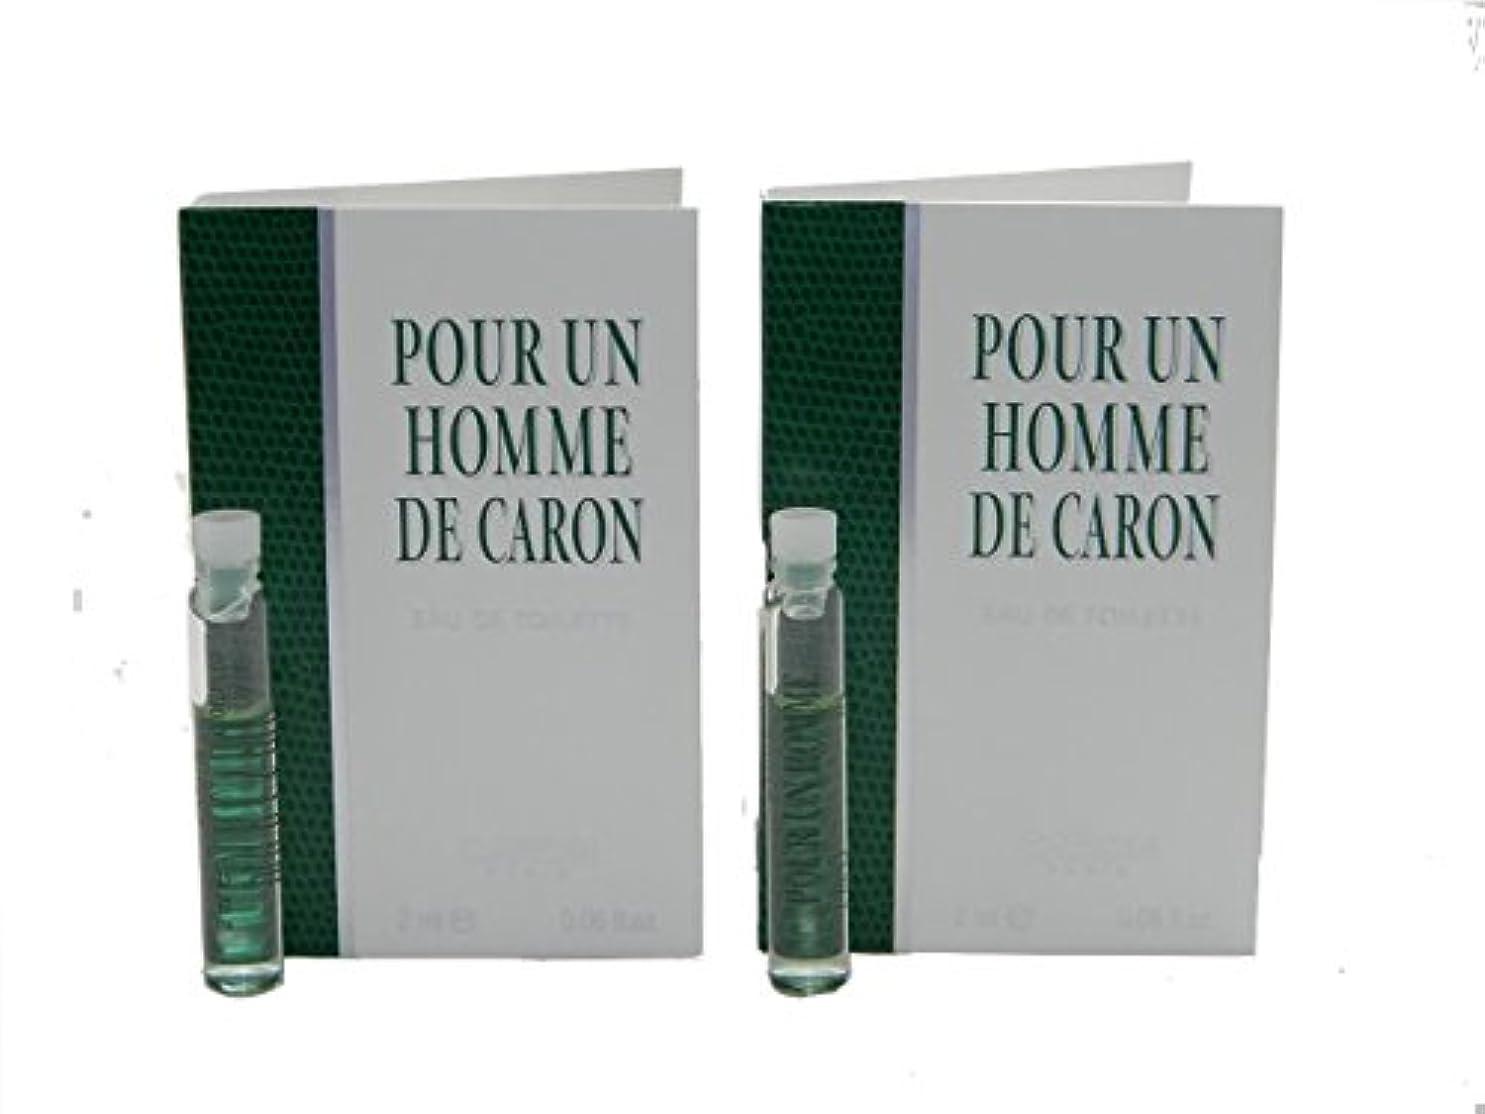 誓い枯渇ボイコットPour Un Homme De Caron EDT Vial Sample [Lot of 2](プール アン オム ド キャロン オードトワレ)2x2ml [並行輸入品]